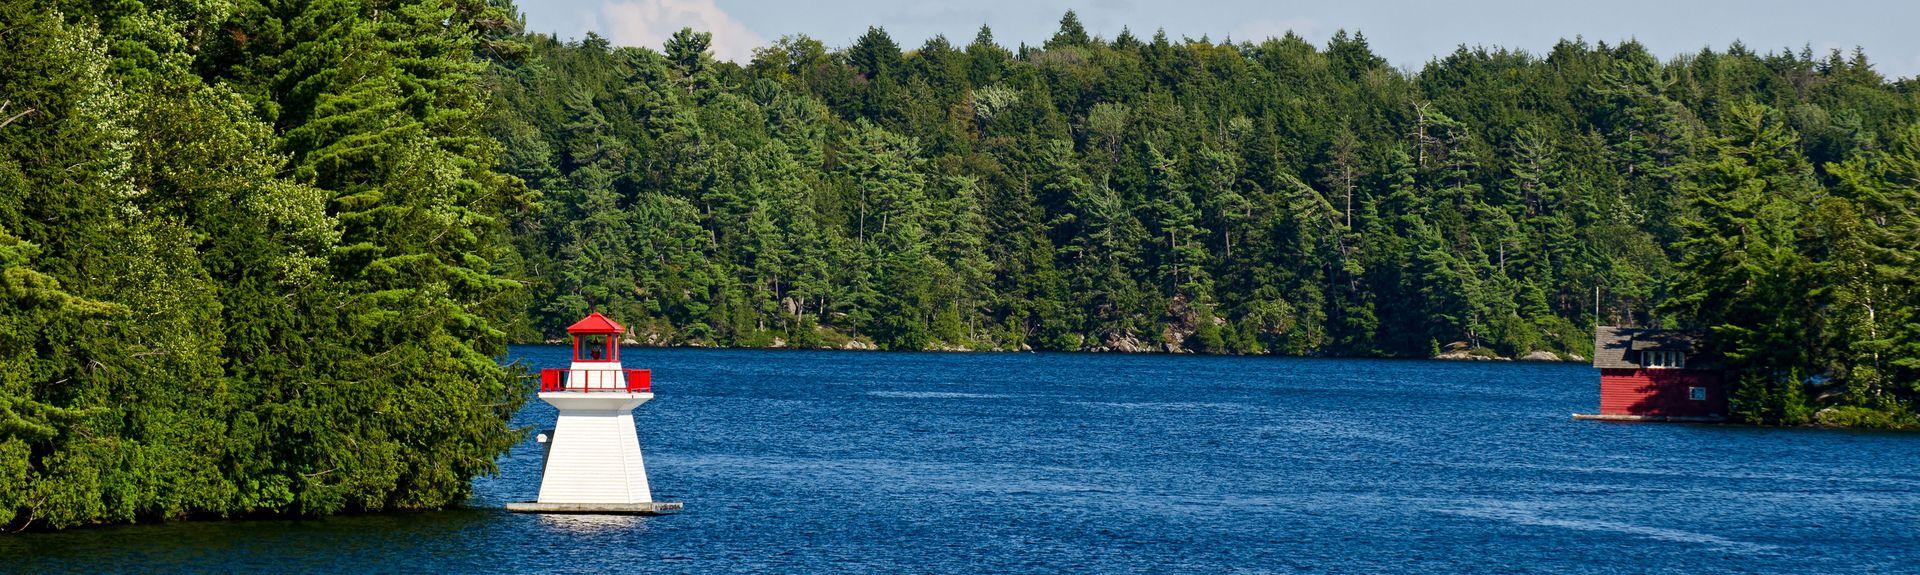 Lake Joseph, MacTier, Ontario, Canadá